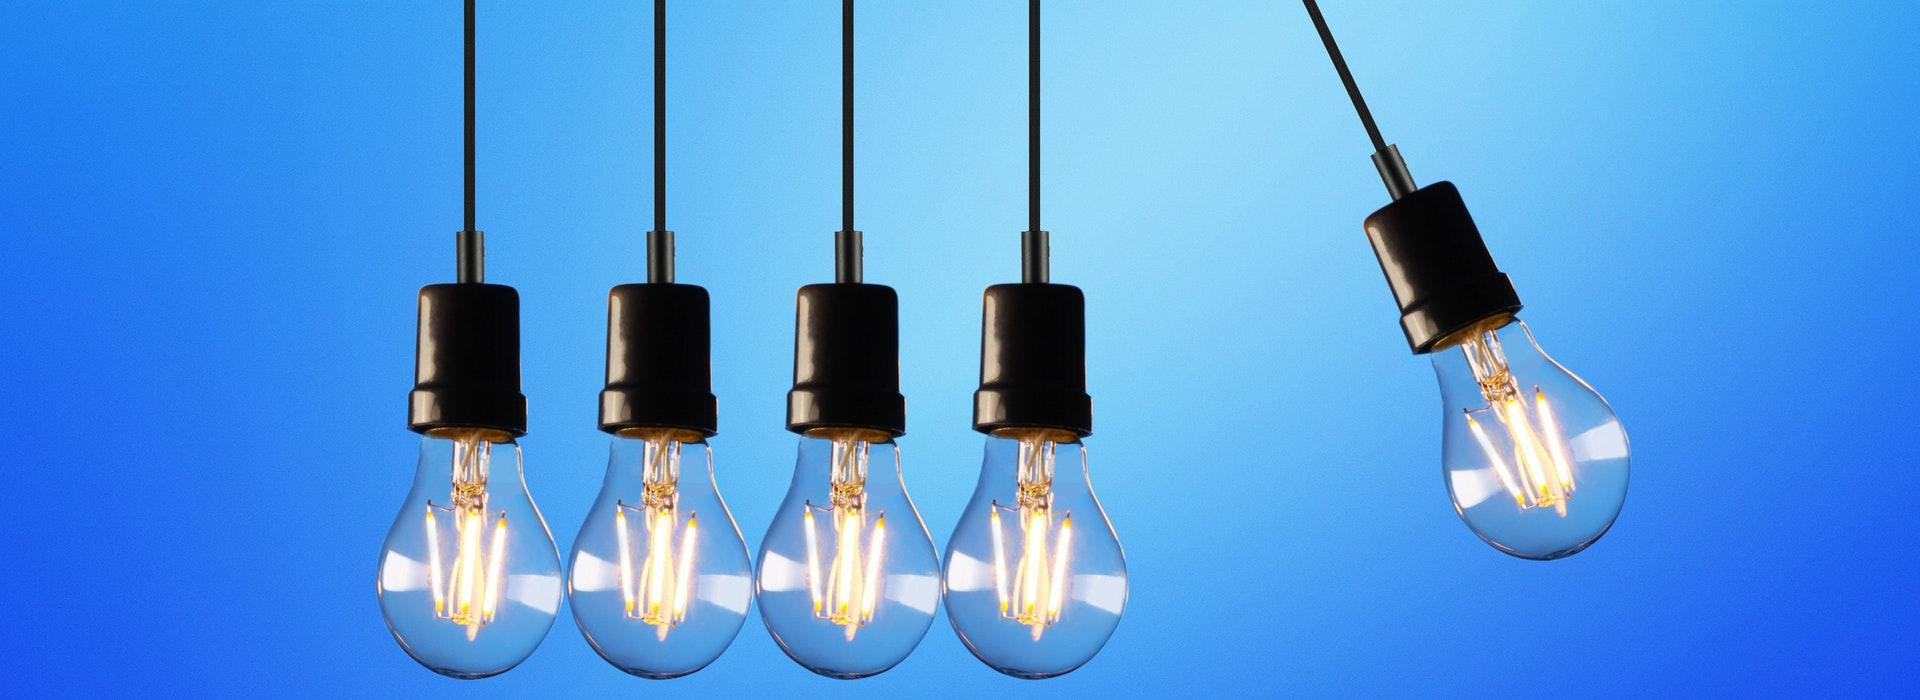 5 ampoules suspendues sur fond bleu vif